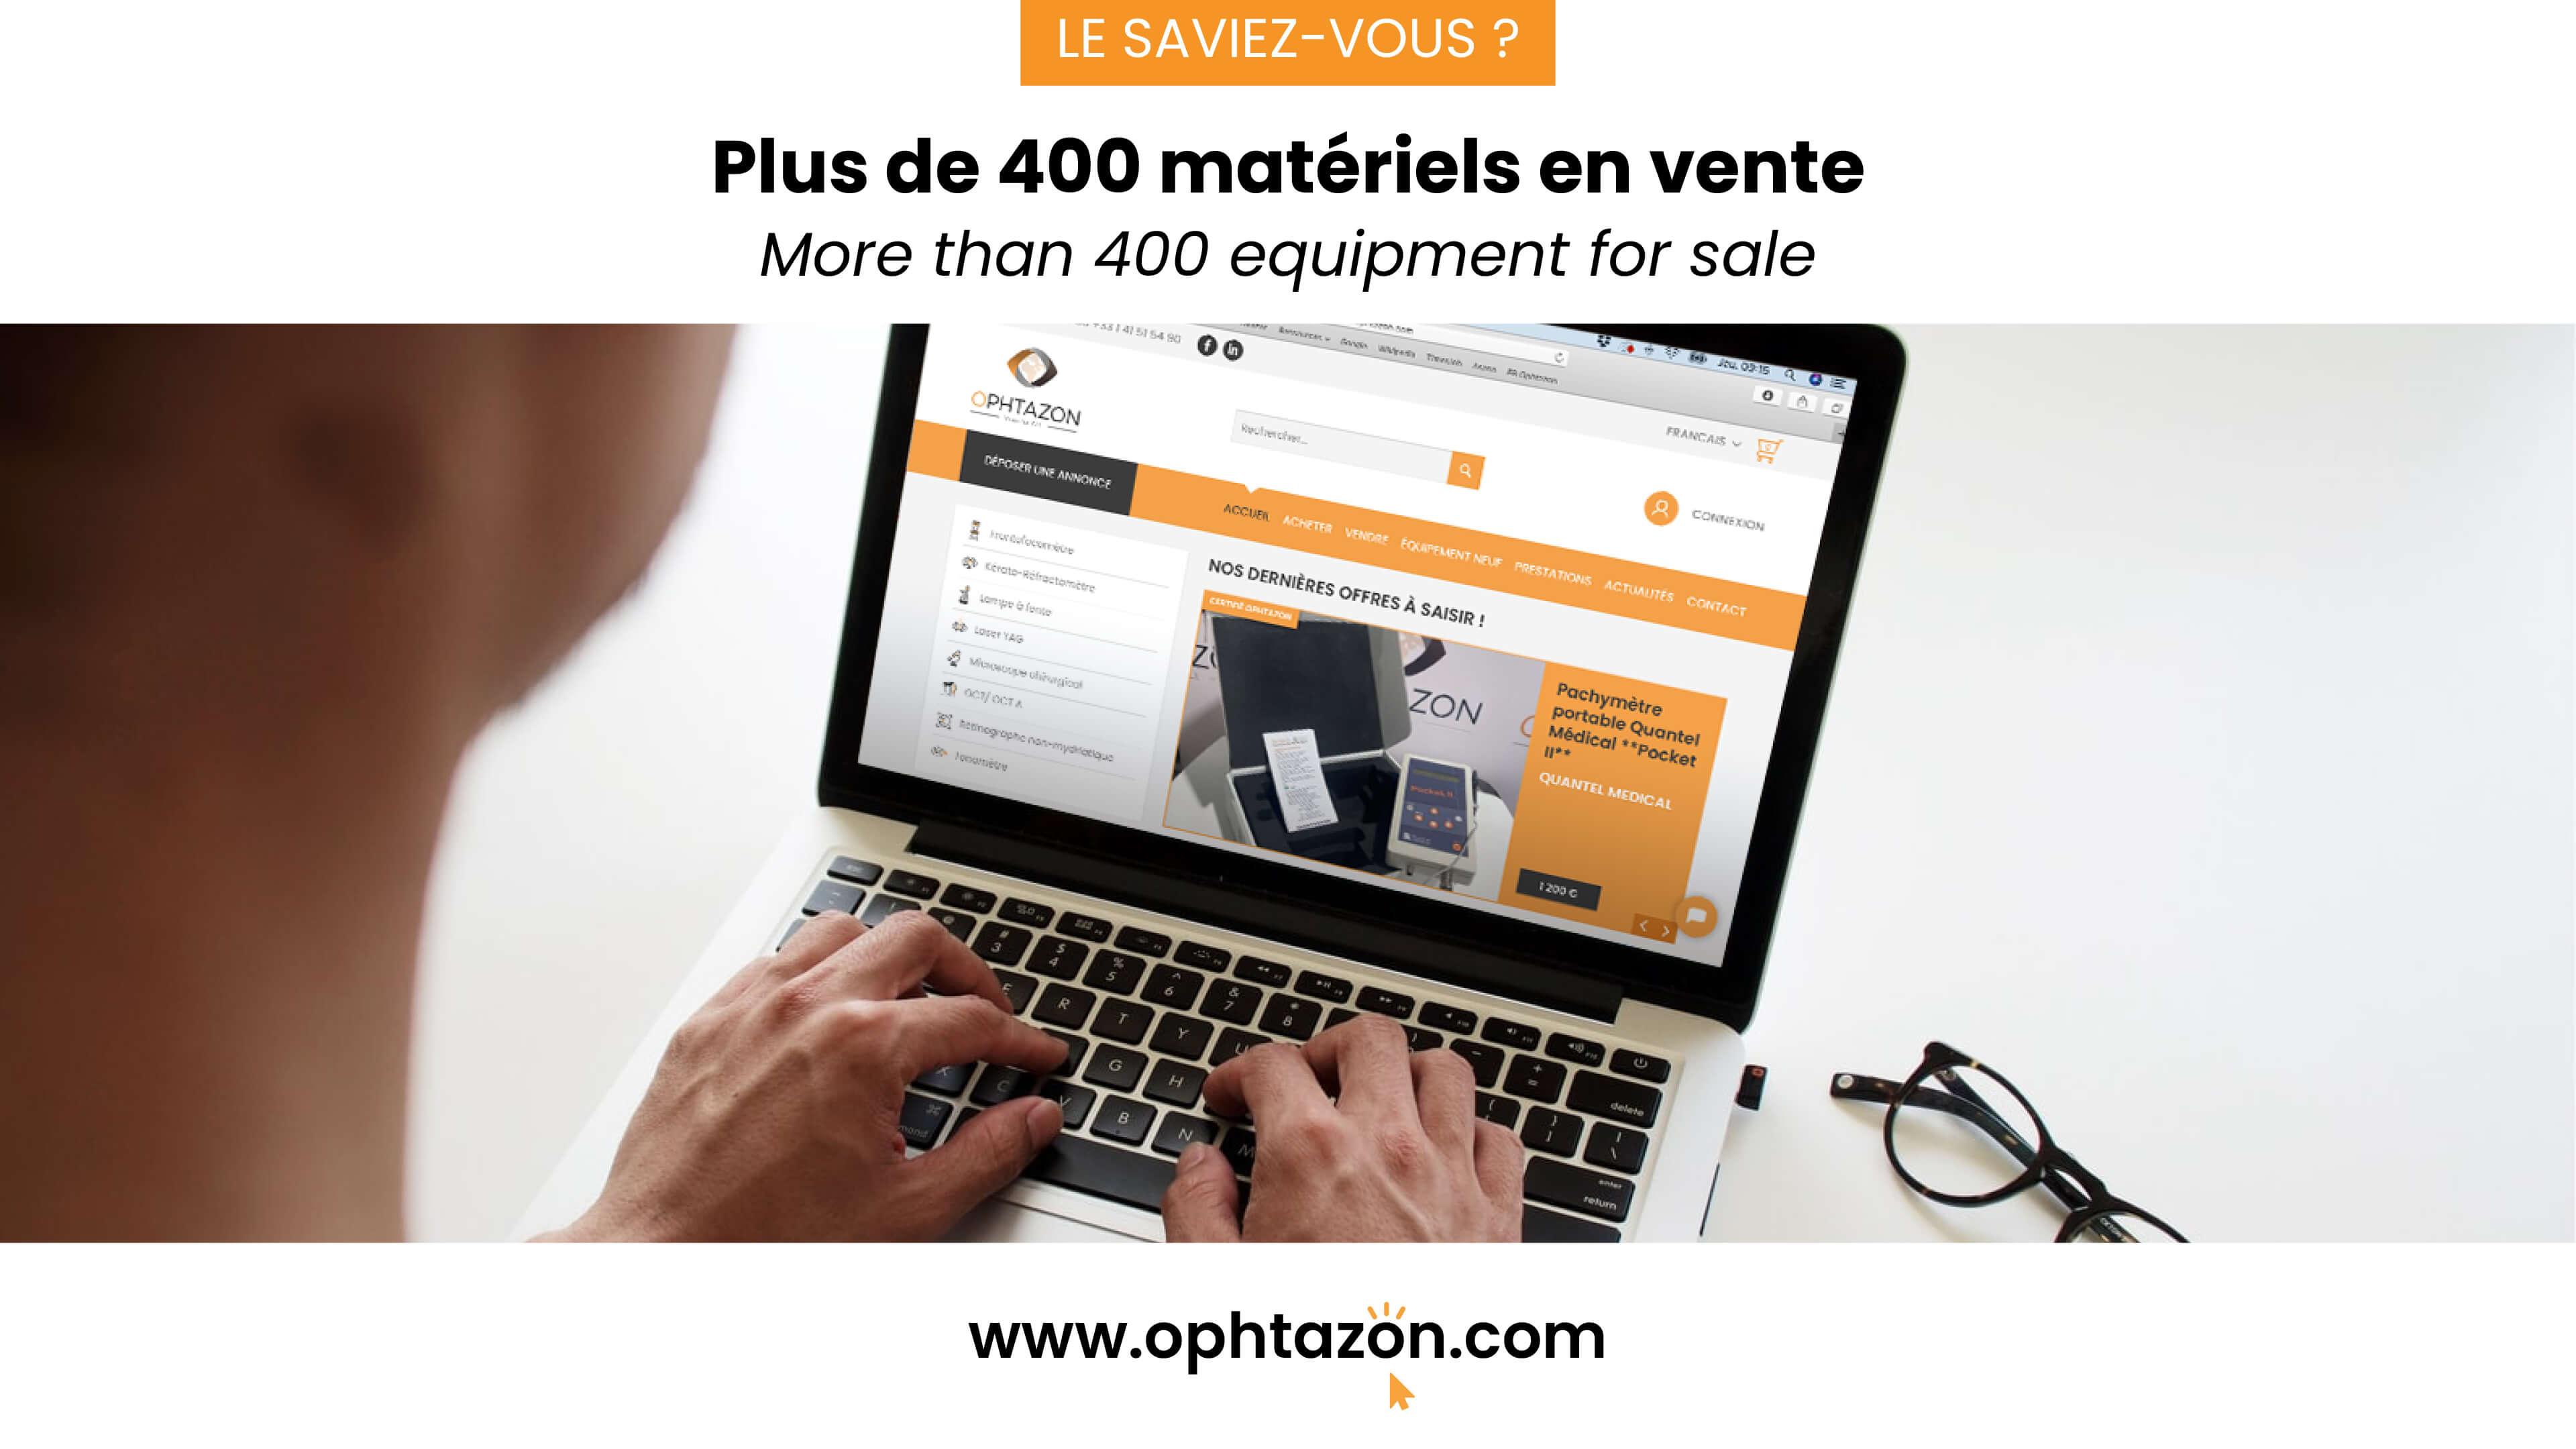 Plus de 400 matériels en vente